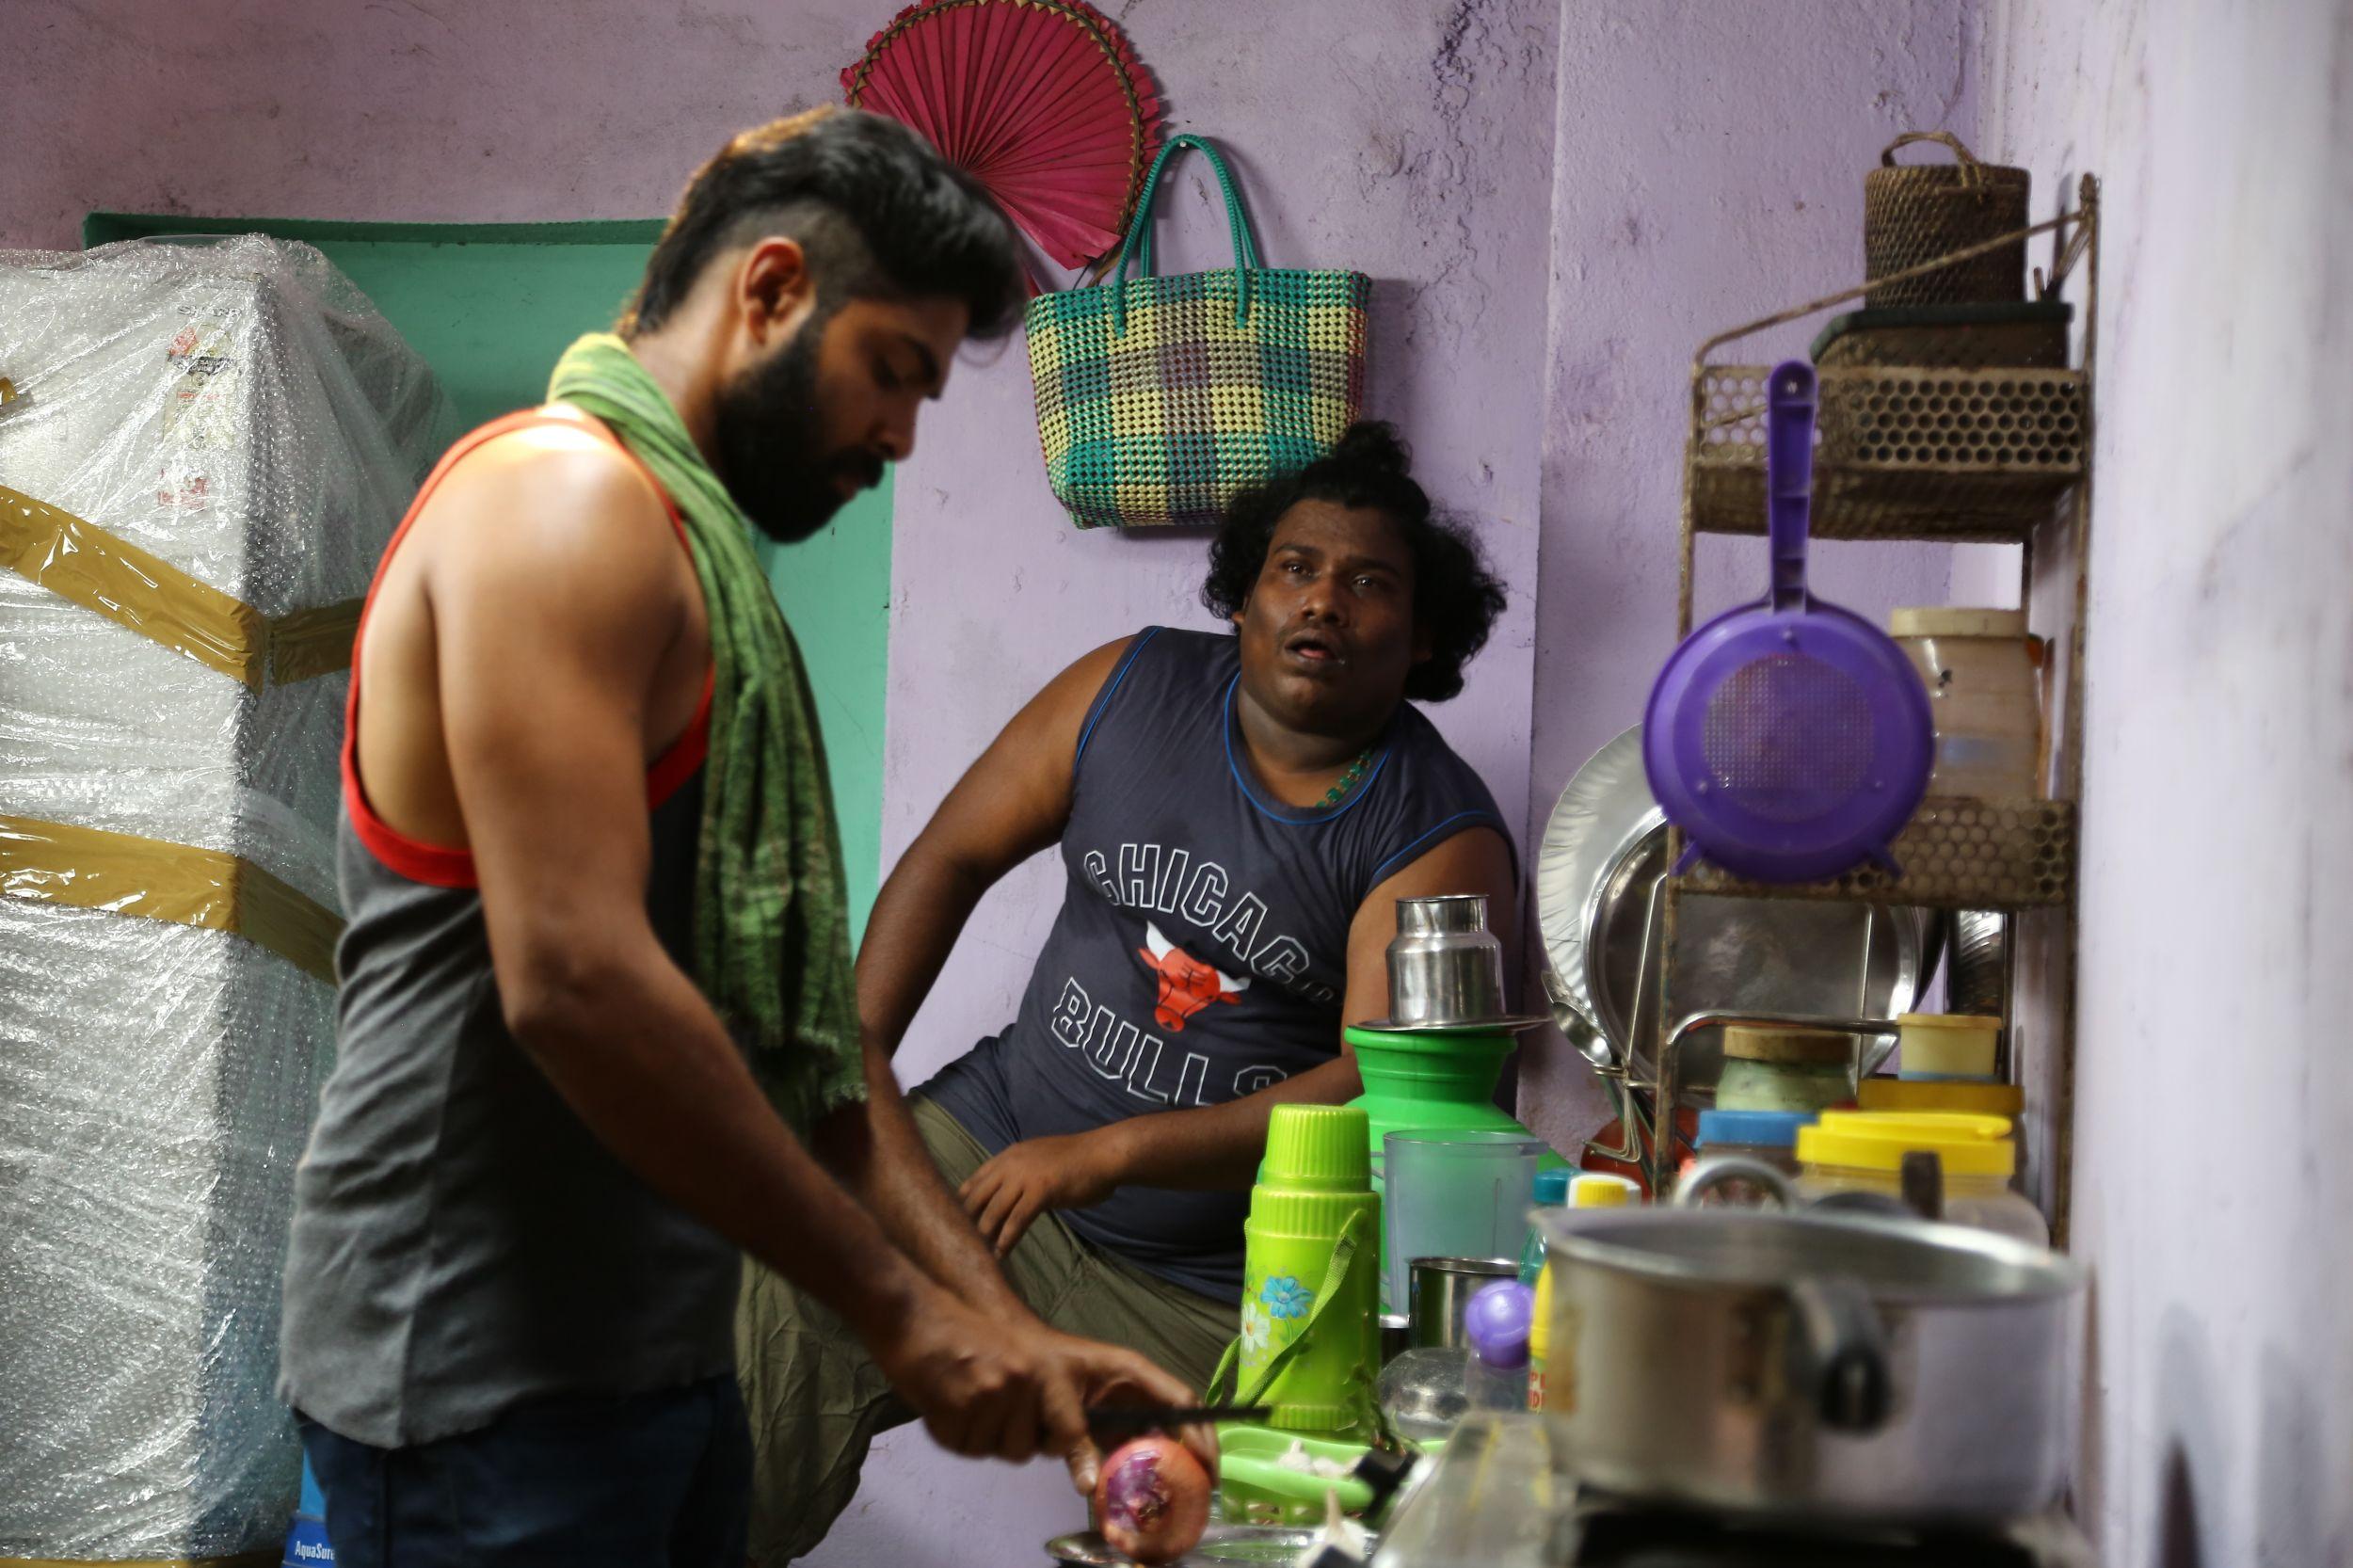 'லட்சுமி' குறும்பட இயக்குநரின் 'எச்சரிக்கை' பட ஸ்டில்ஸ்..!